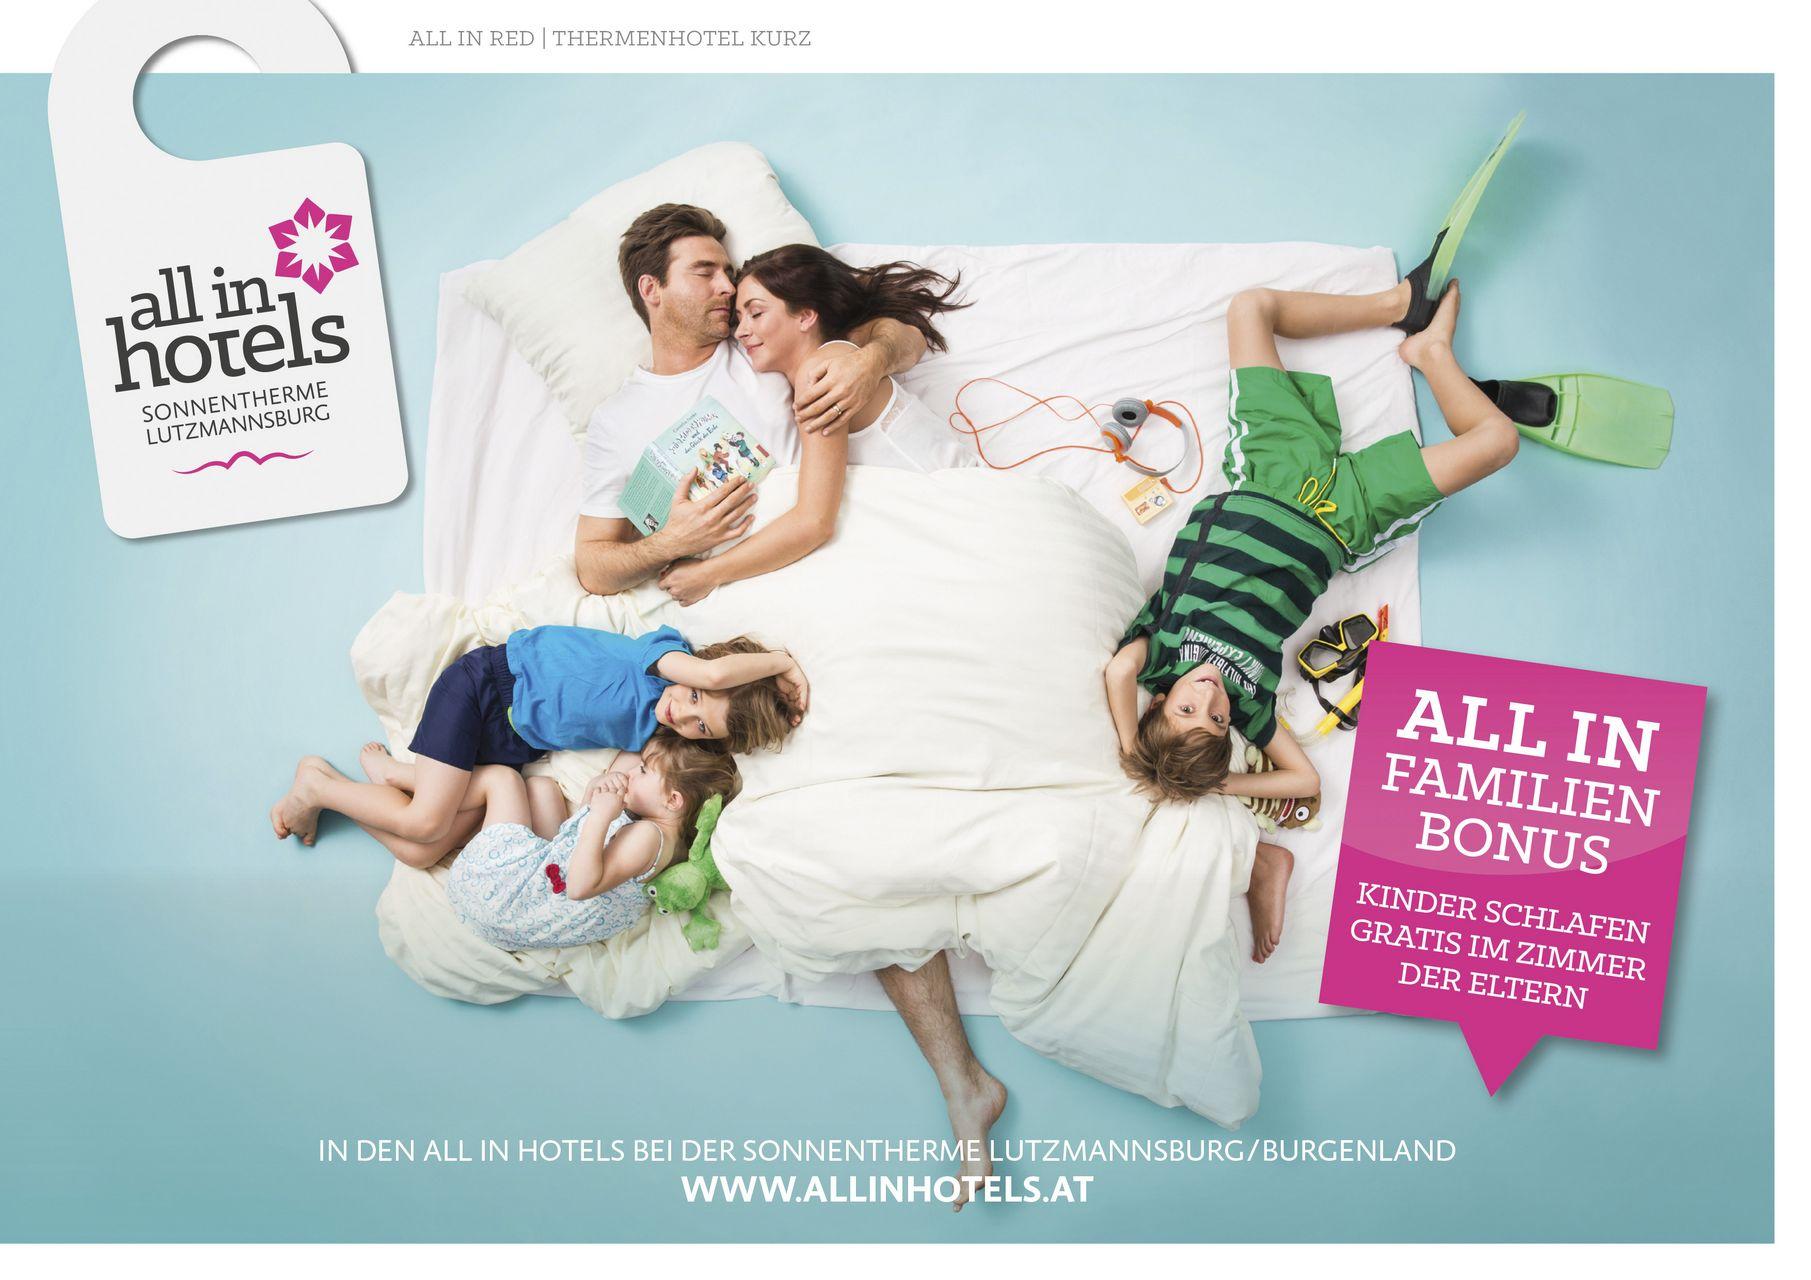 ALL IN Hotels Familie im Bett, Kinder schlafen gratis im Zimmer der Eltern